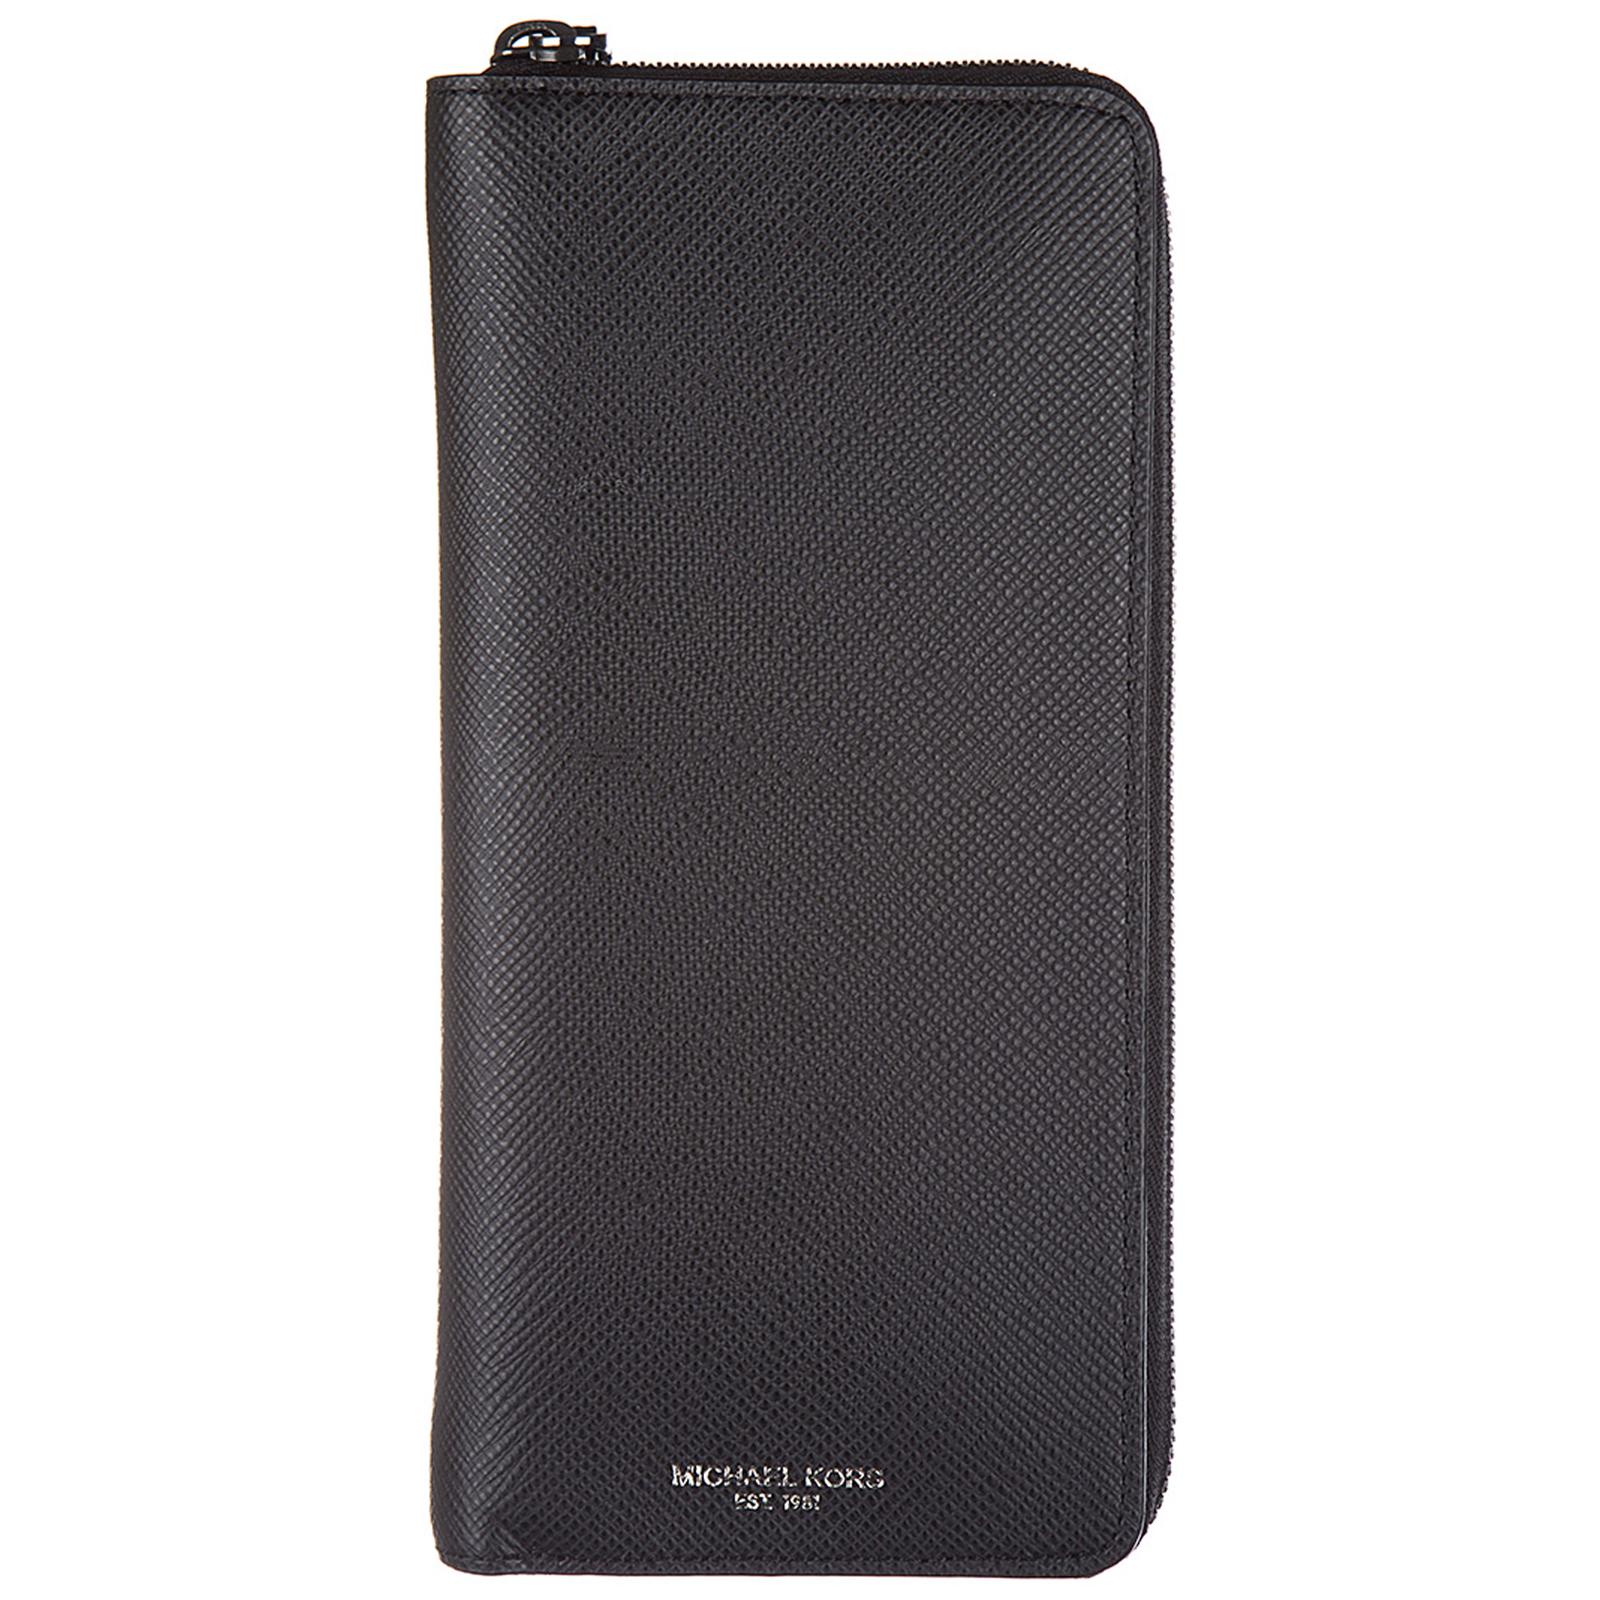 Portafoglio portamonete uomo bifold harrison tech saffiano phone cover case